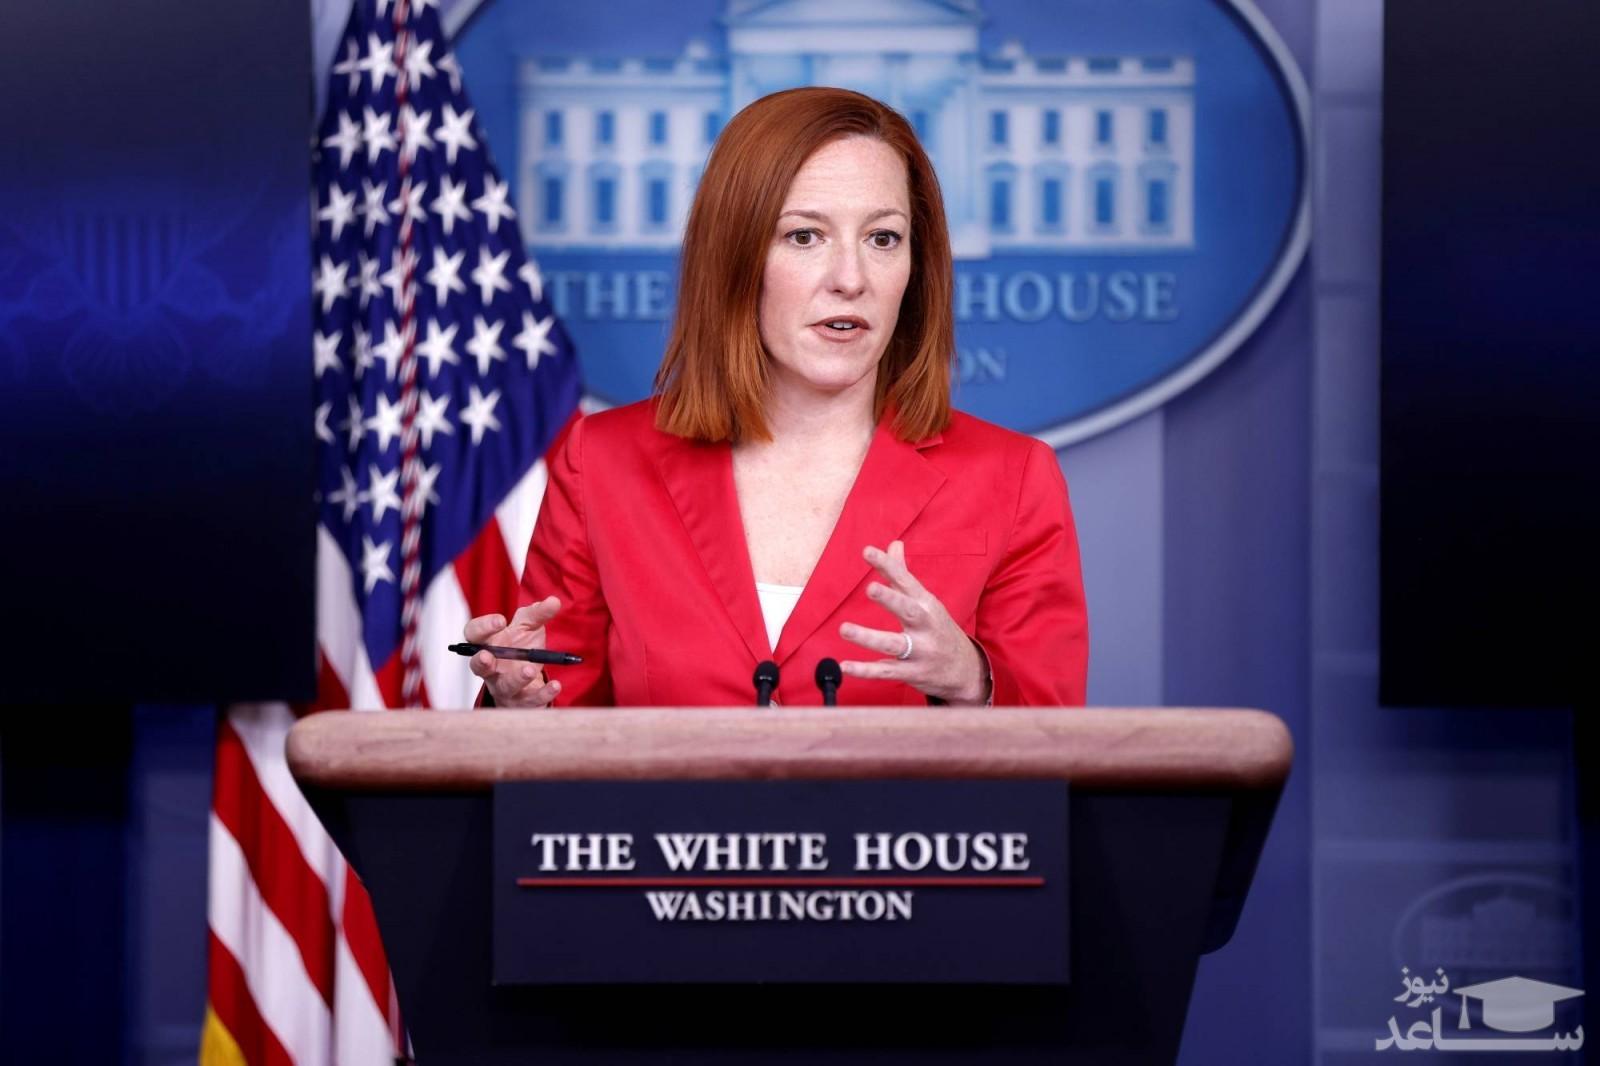 واکنش کاخ سفید به محل استقرار خبرنگاران بینالمللی